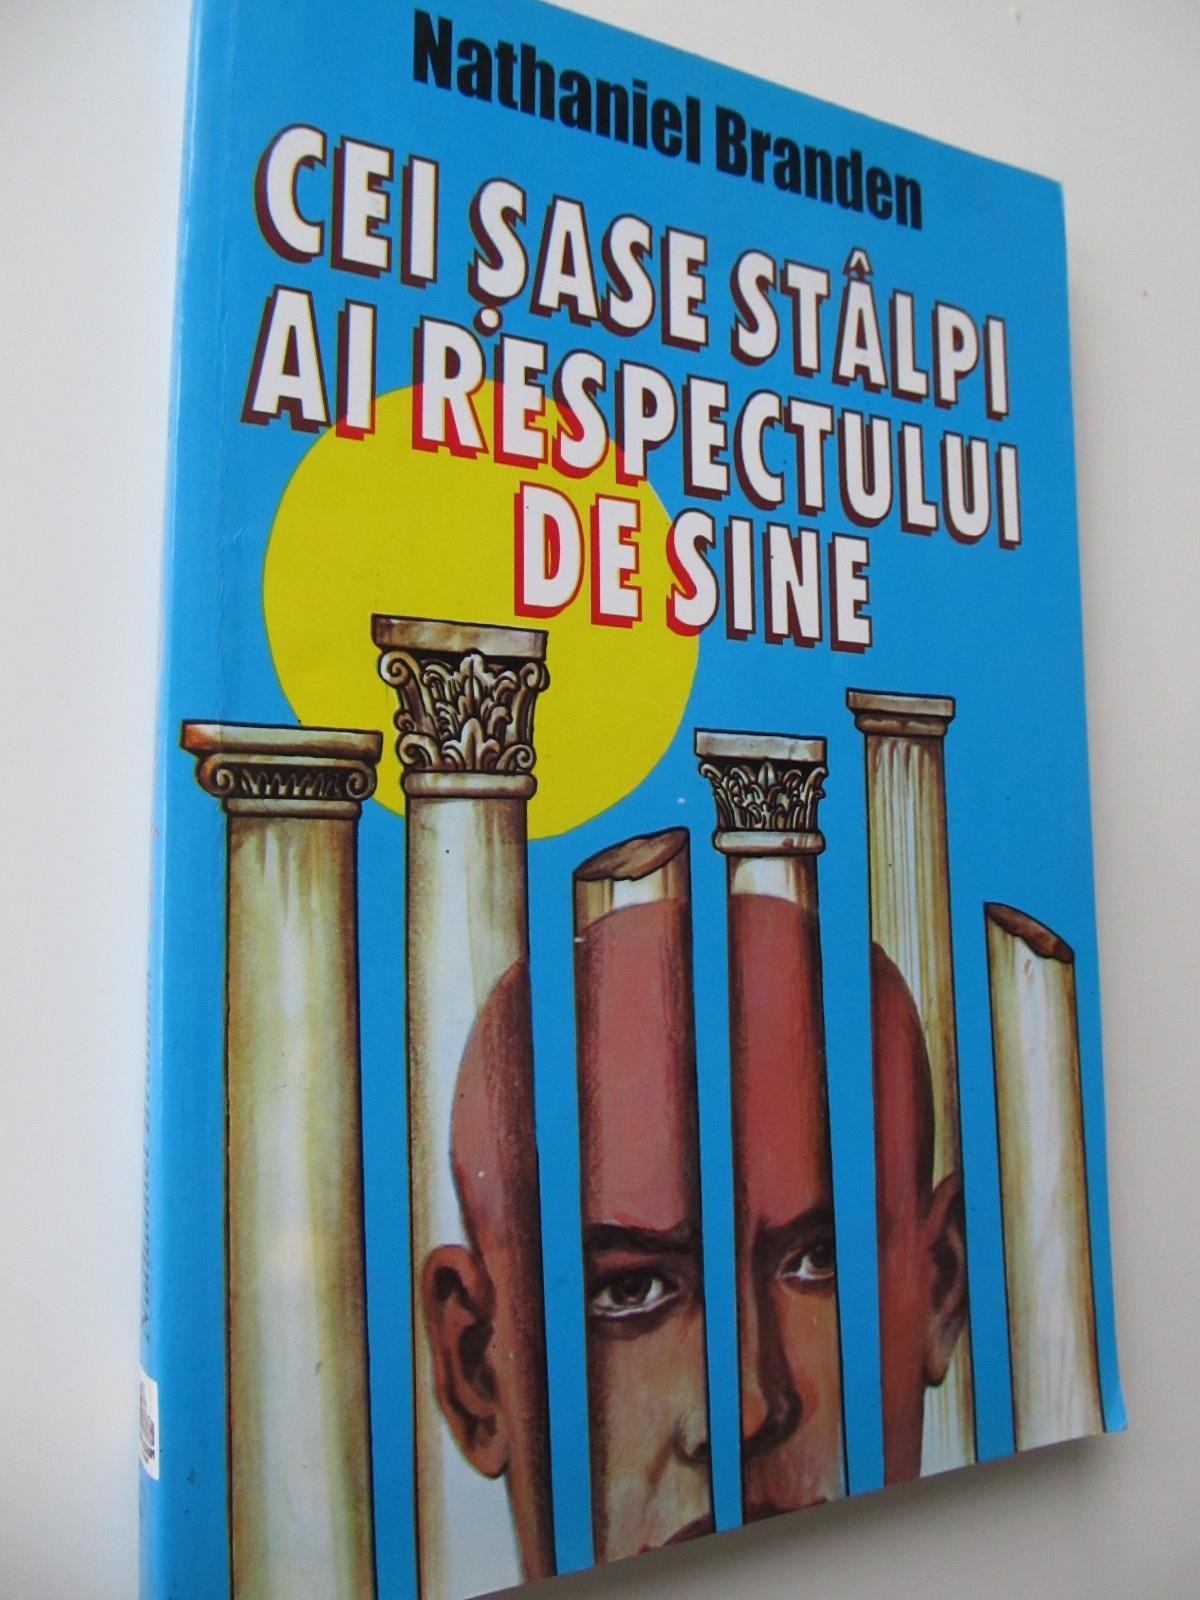 Cei sase stalpi ai respectului de sine - Nathaniel Branden | Detalii carte